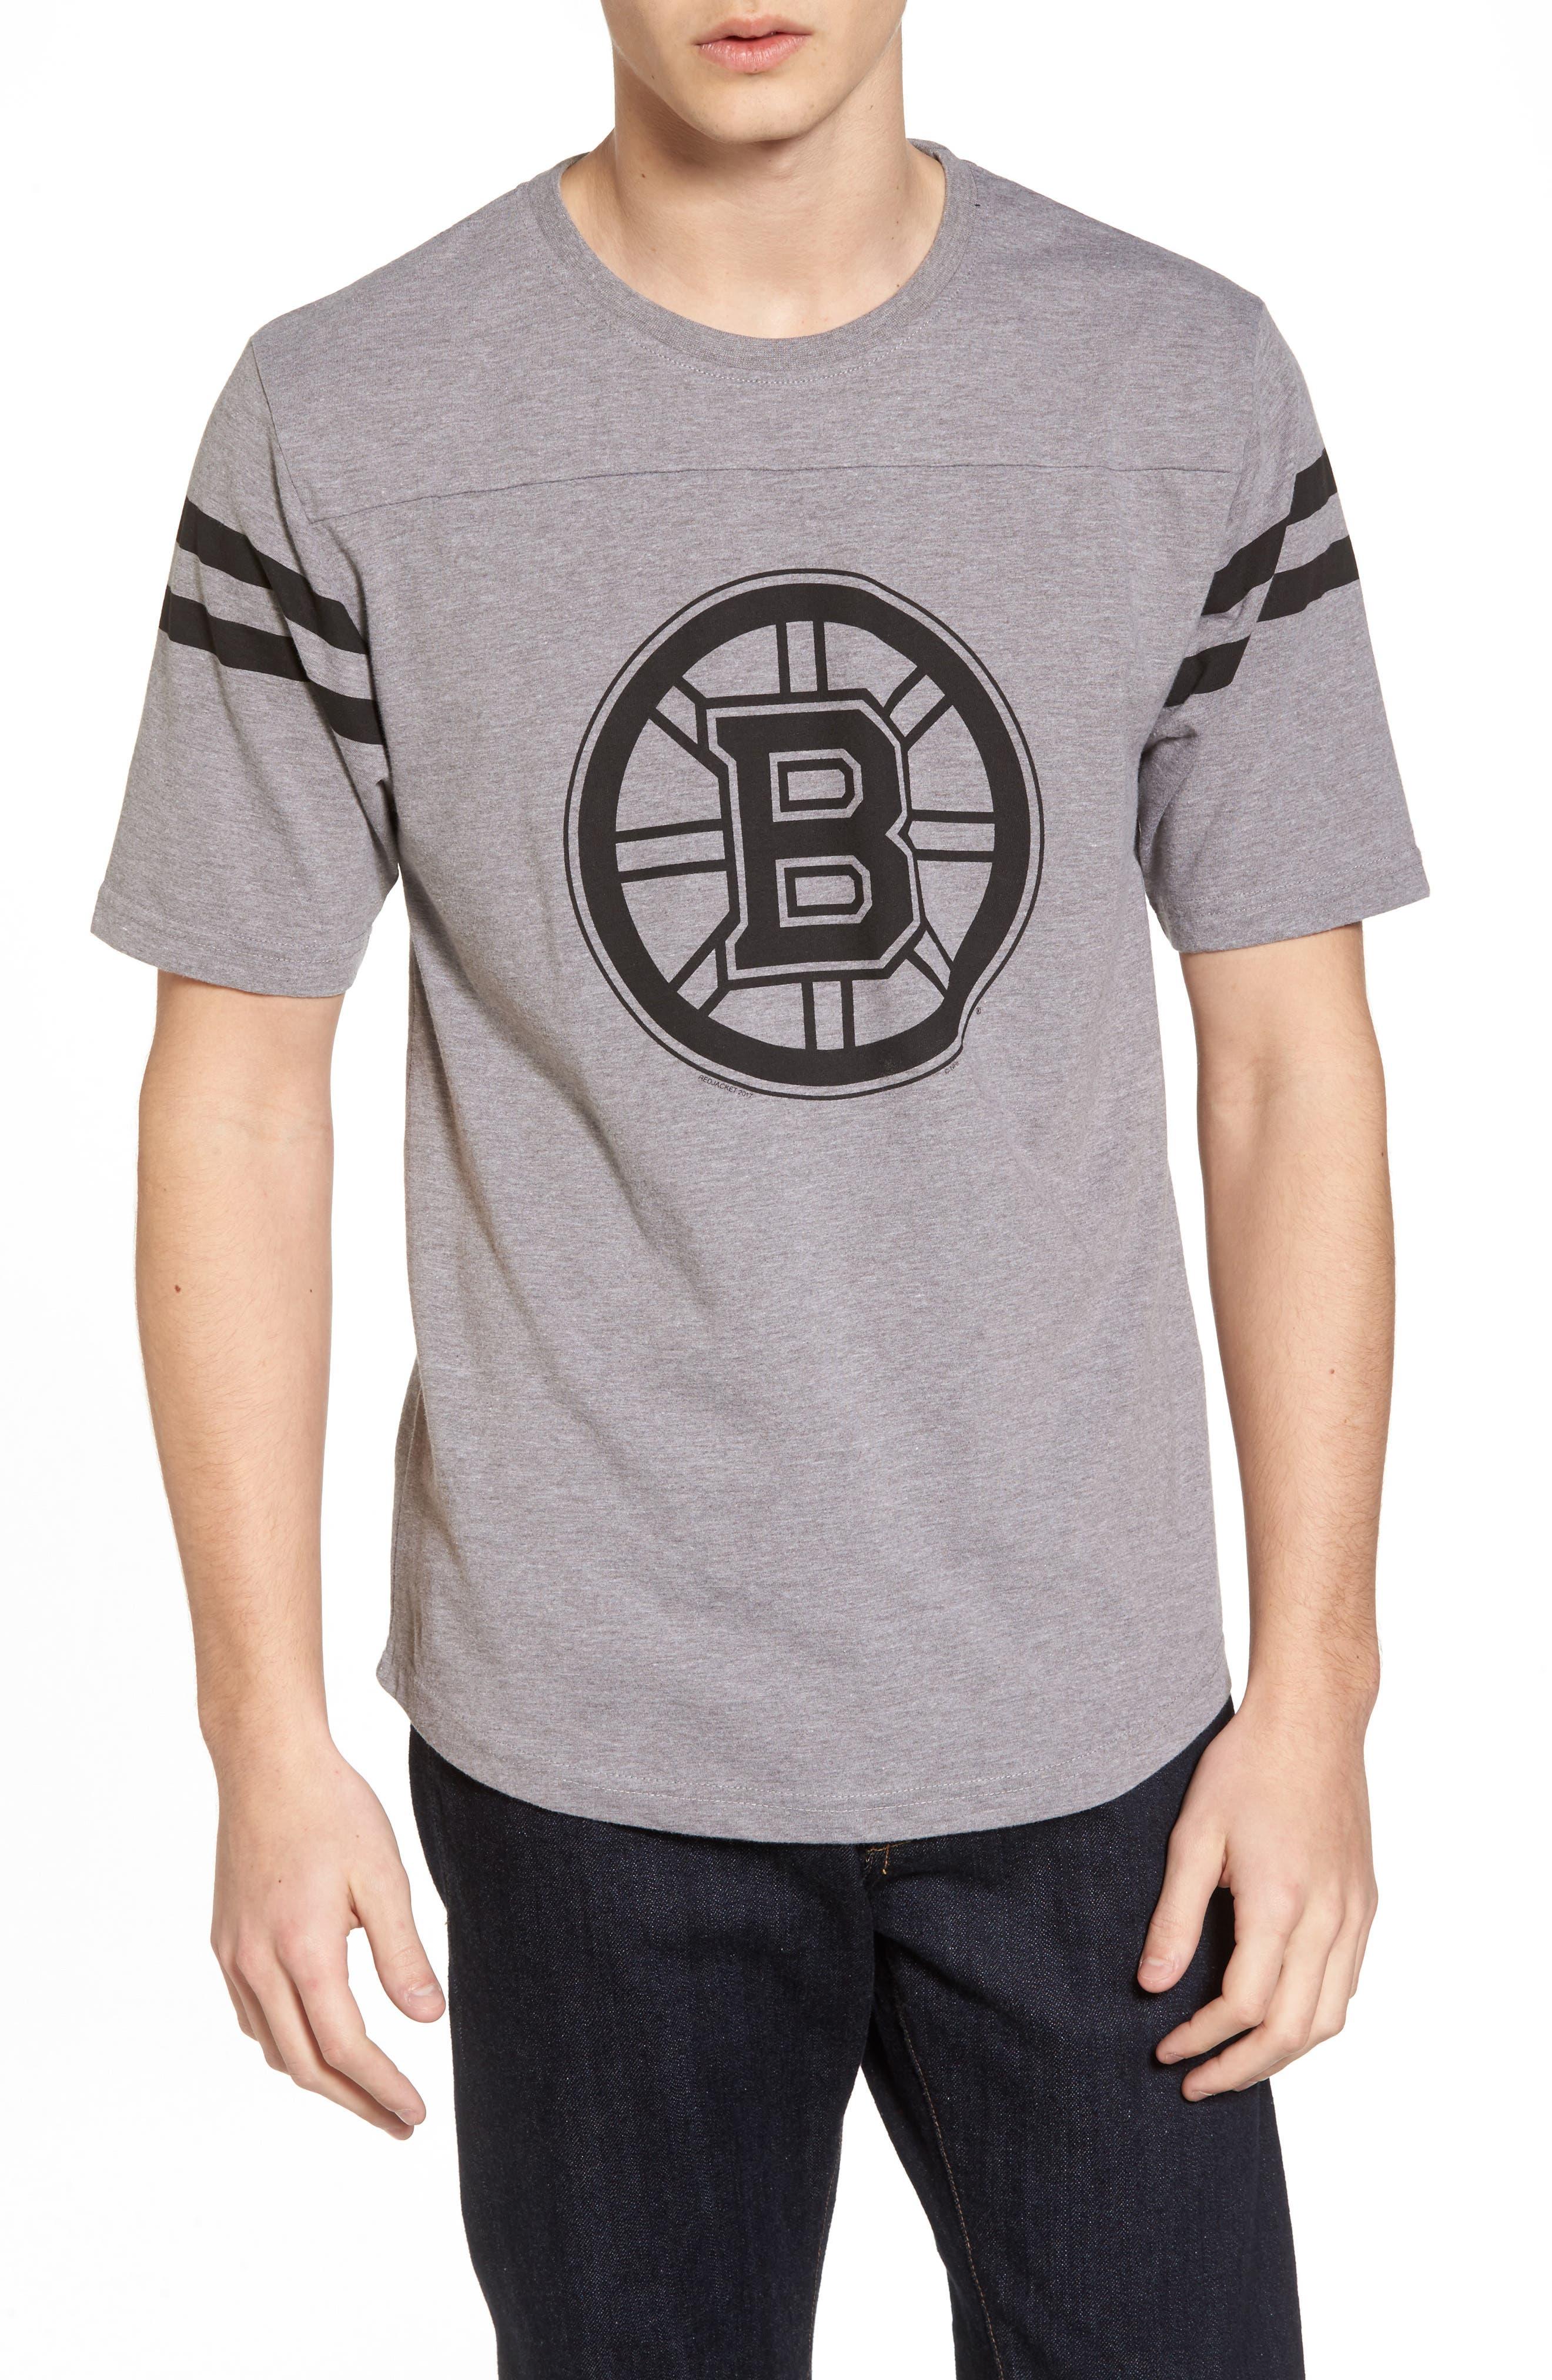 Crosby Boston Bruins T-Shirt,                             Main thumbnail 1, color,                             073